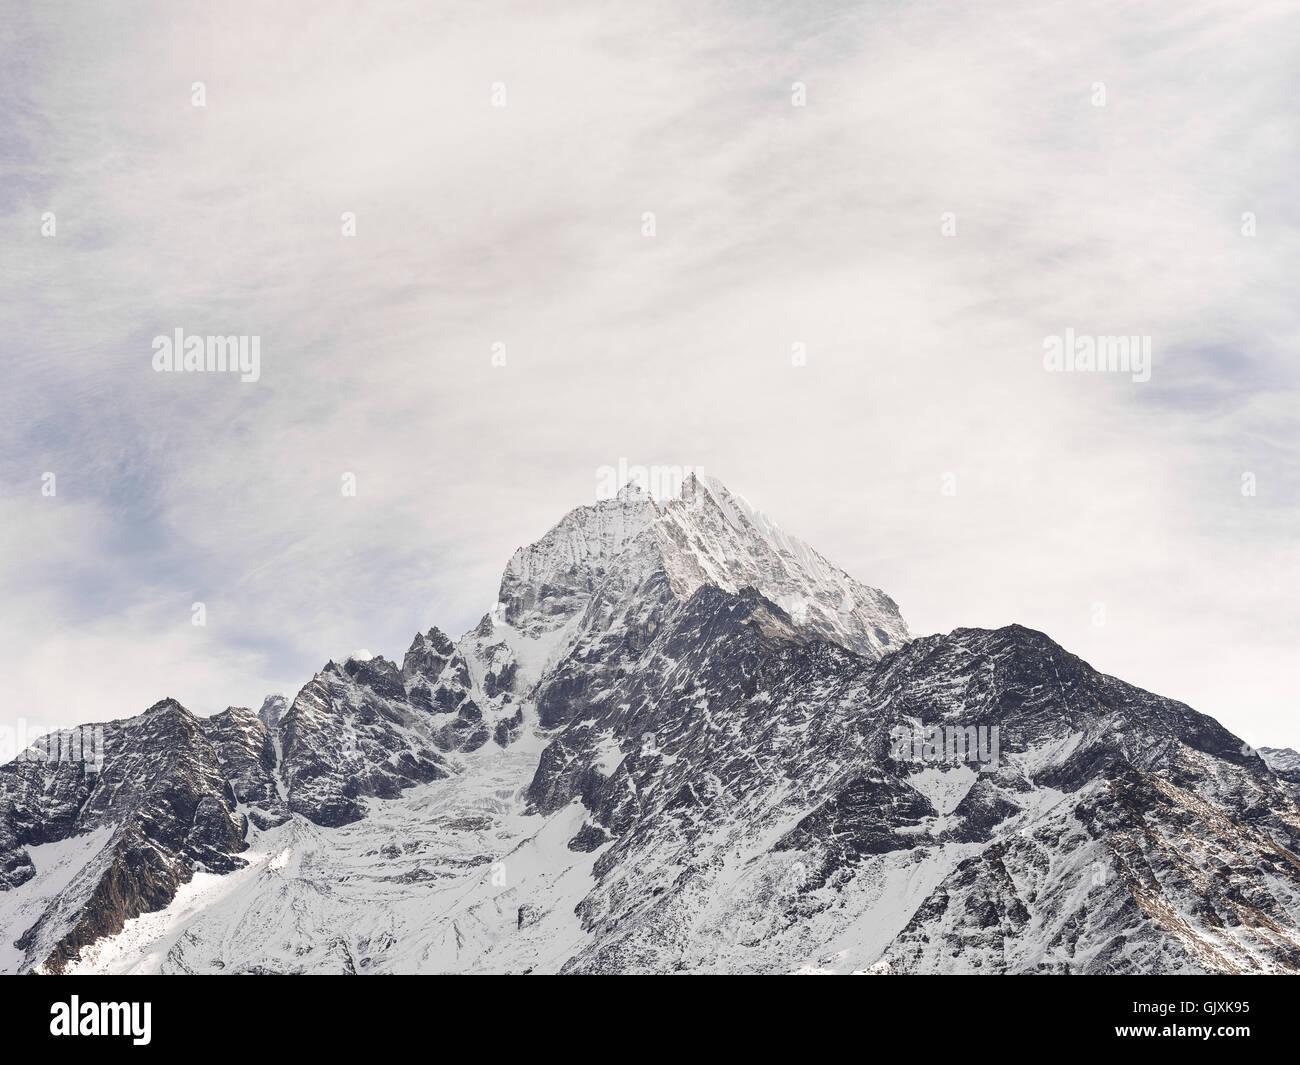 Pico cubierto de nieve de un dentado de las montañas del Himalaya de Nepal en el campamento base del Everest Imagen De Stock